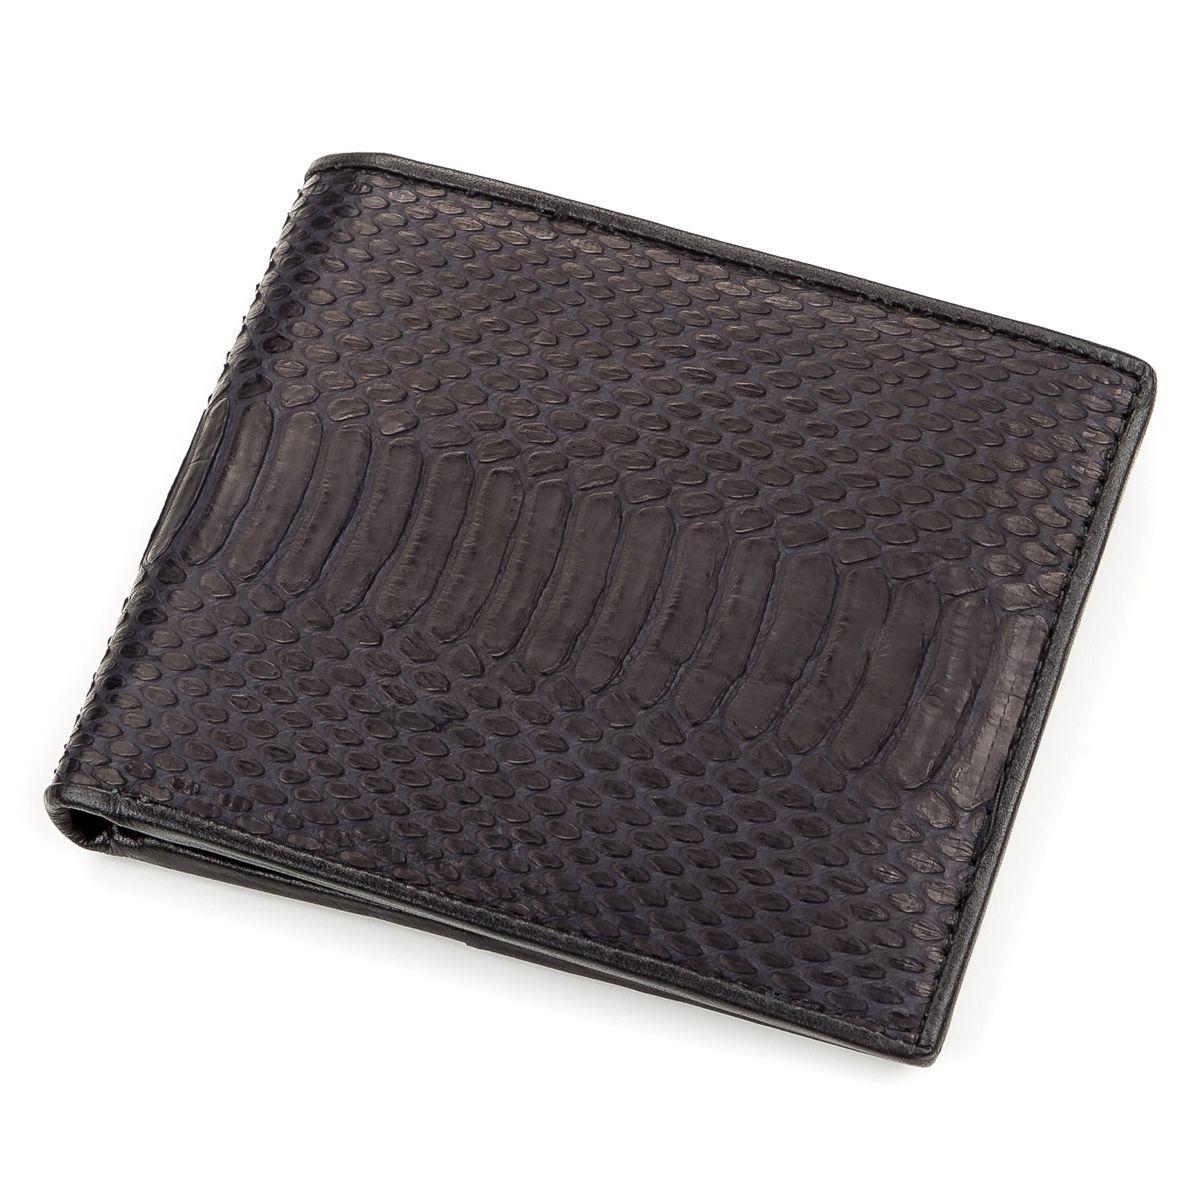 Портмоне Ekzotic Leather из натуральной кожи питона Черное   (snw 55)